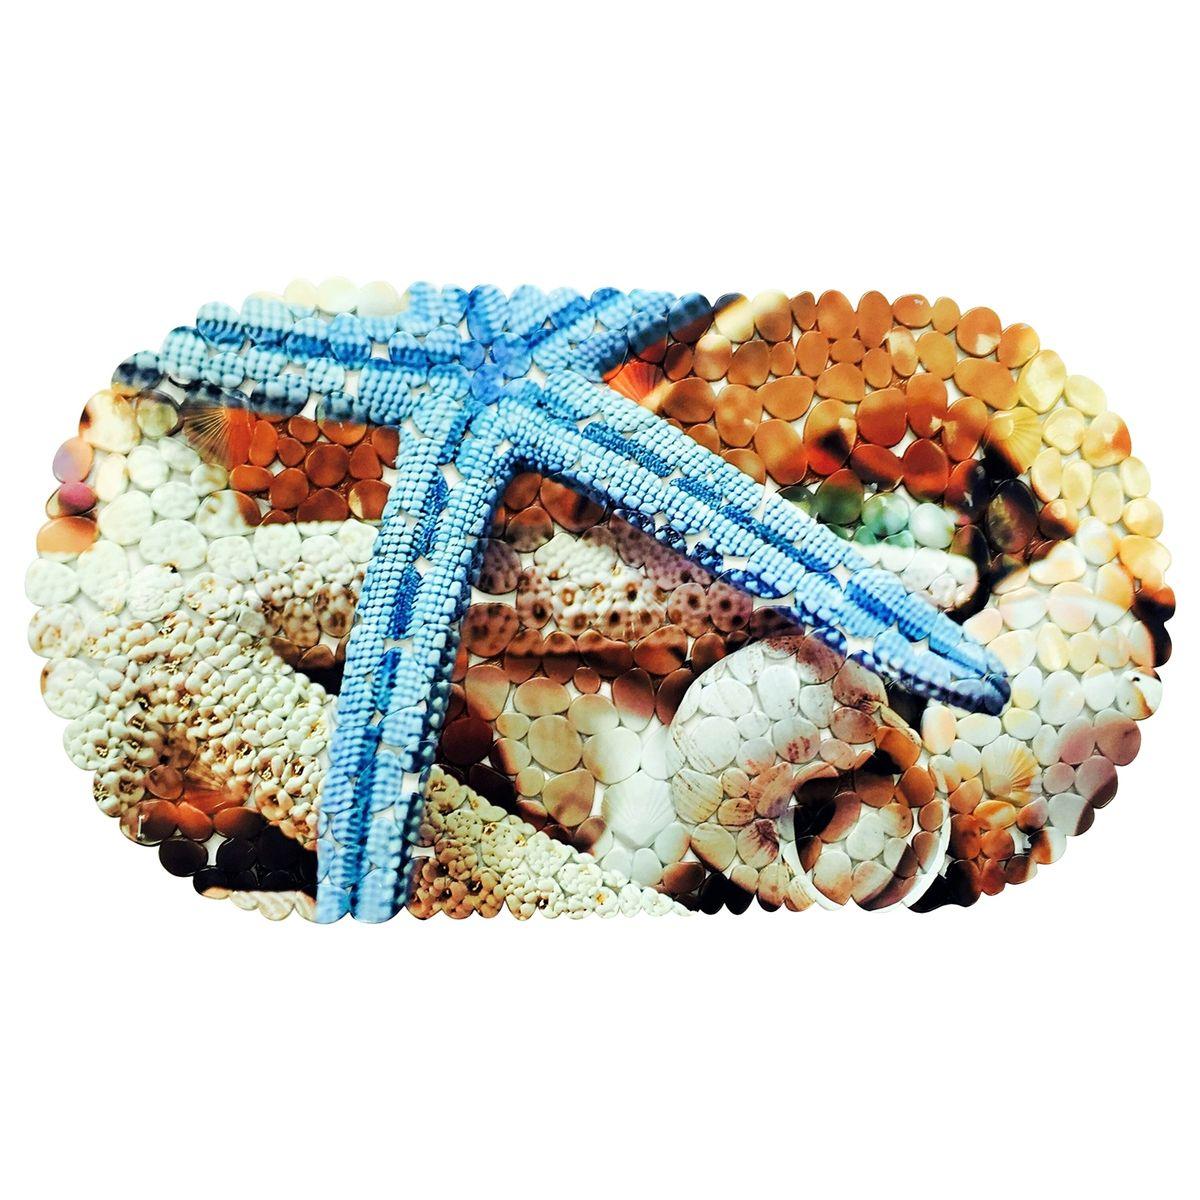 Коврик для ванной Tatkraft SPA Морская звезда, противоскользящий, 69 x 39 см18846Коврики для ванной комнаты, обладают противоскользящим эффектом, гигиеничные, мягкие, водостойкие